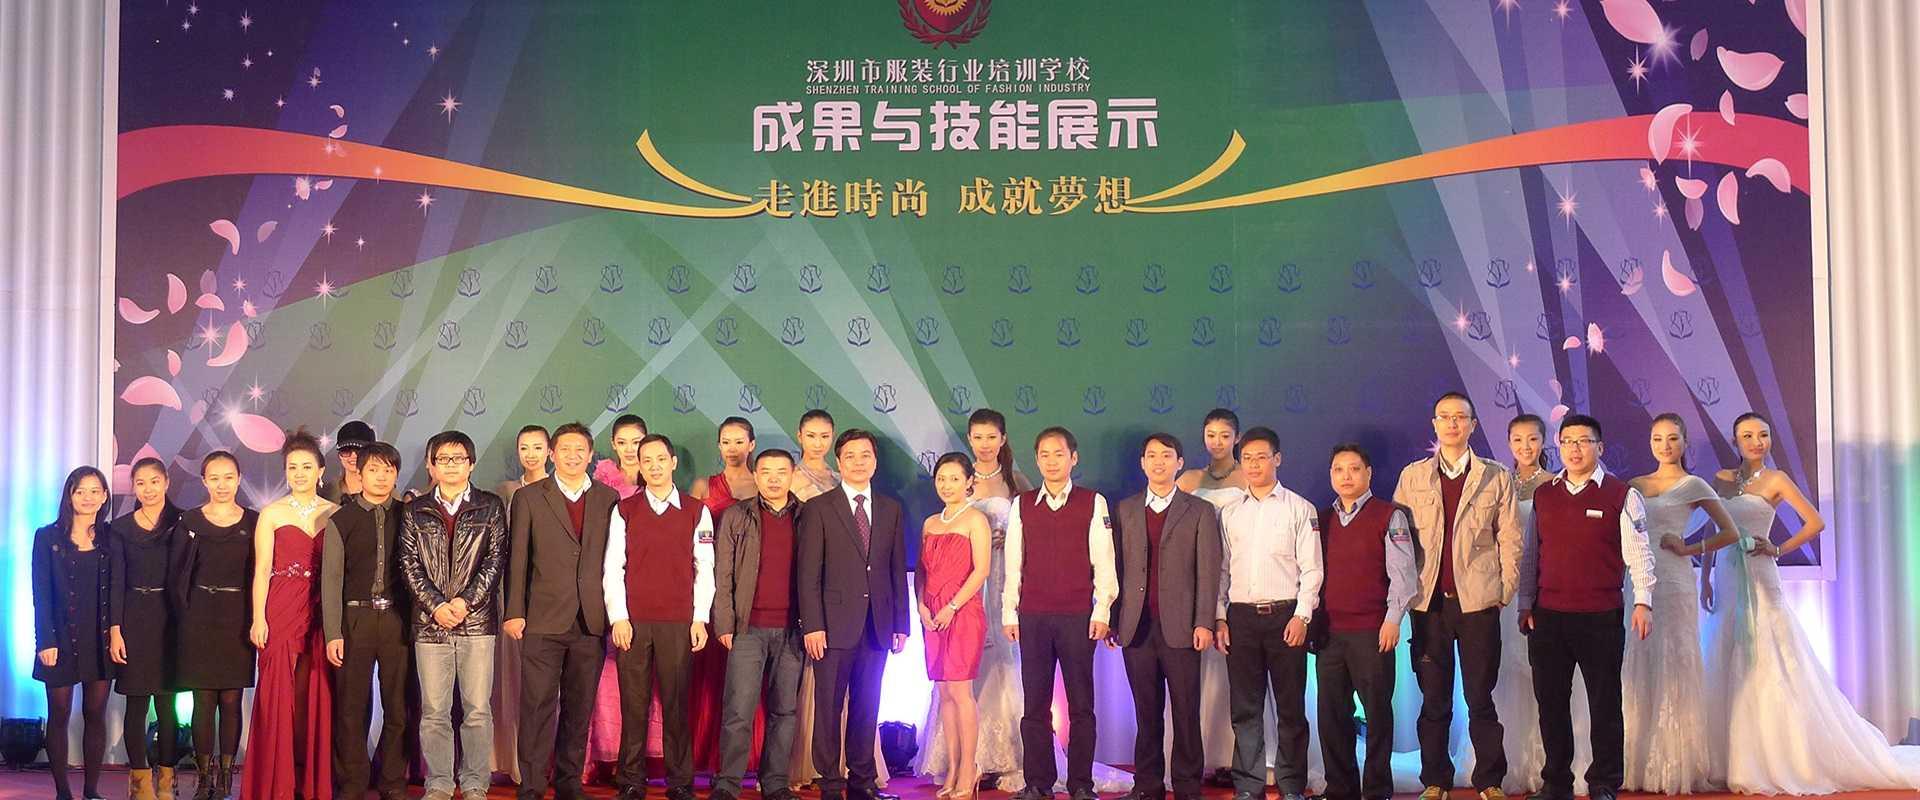 广东服装学院(深圳市服装行业培训学校)办学20周年成果展示。